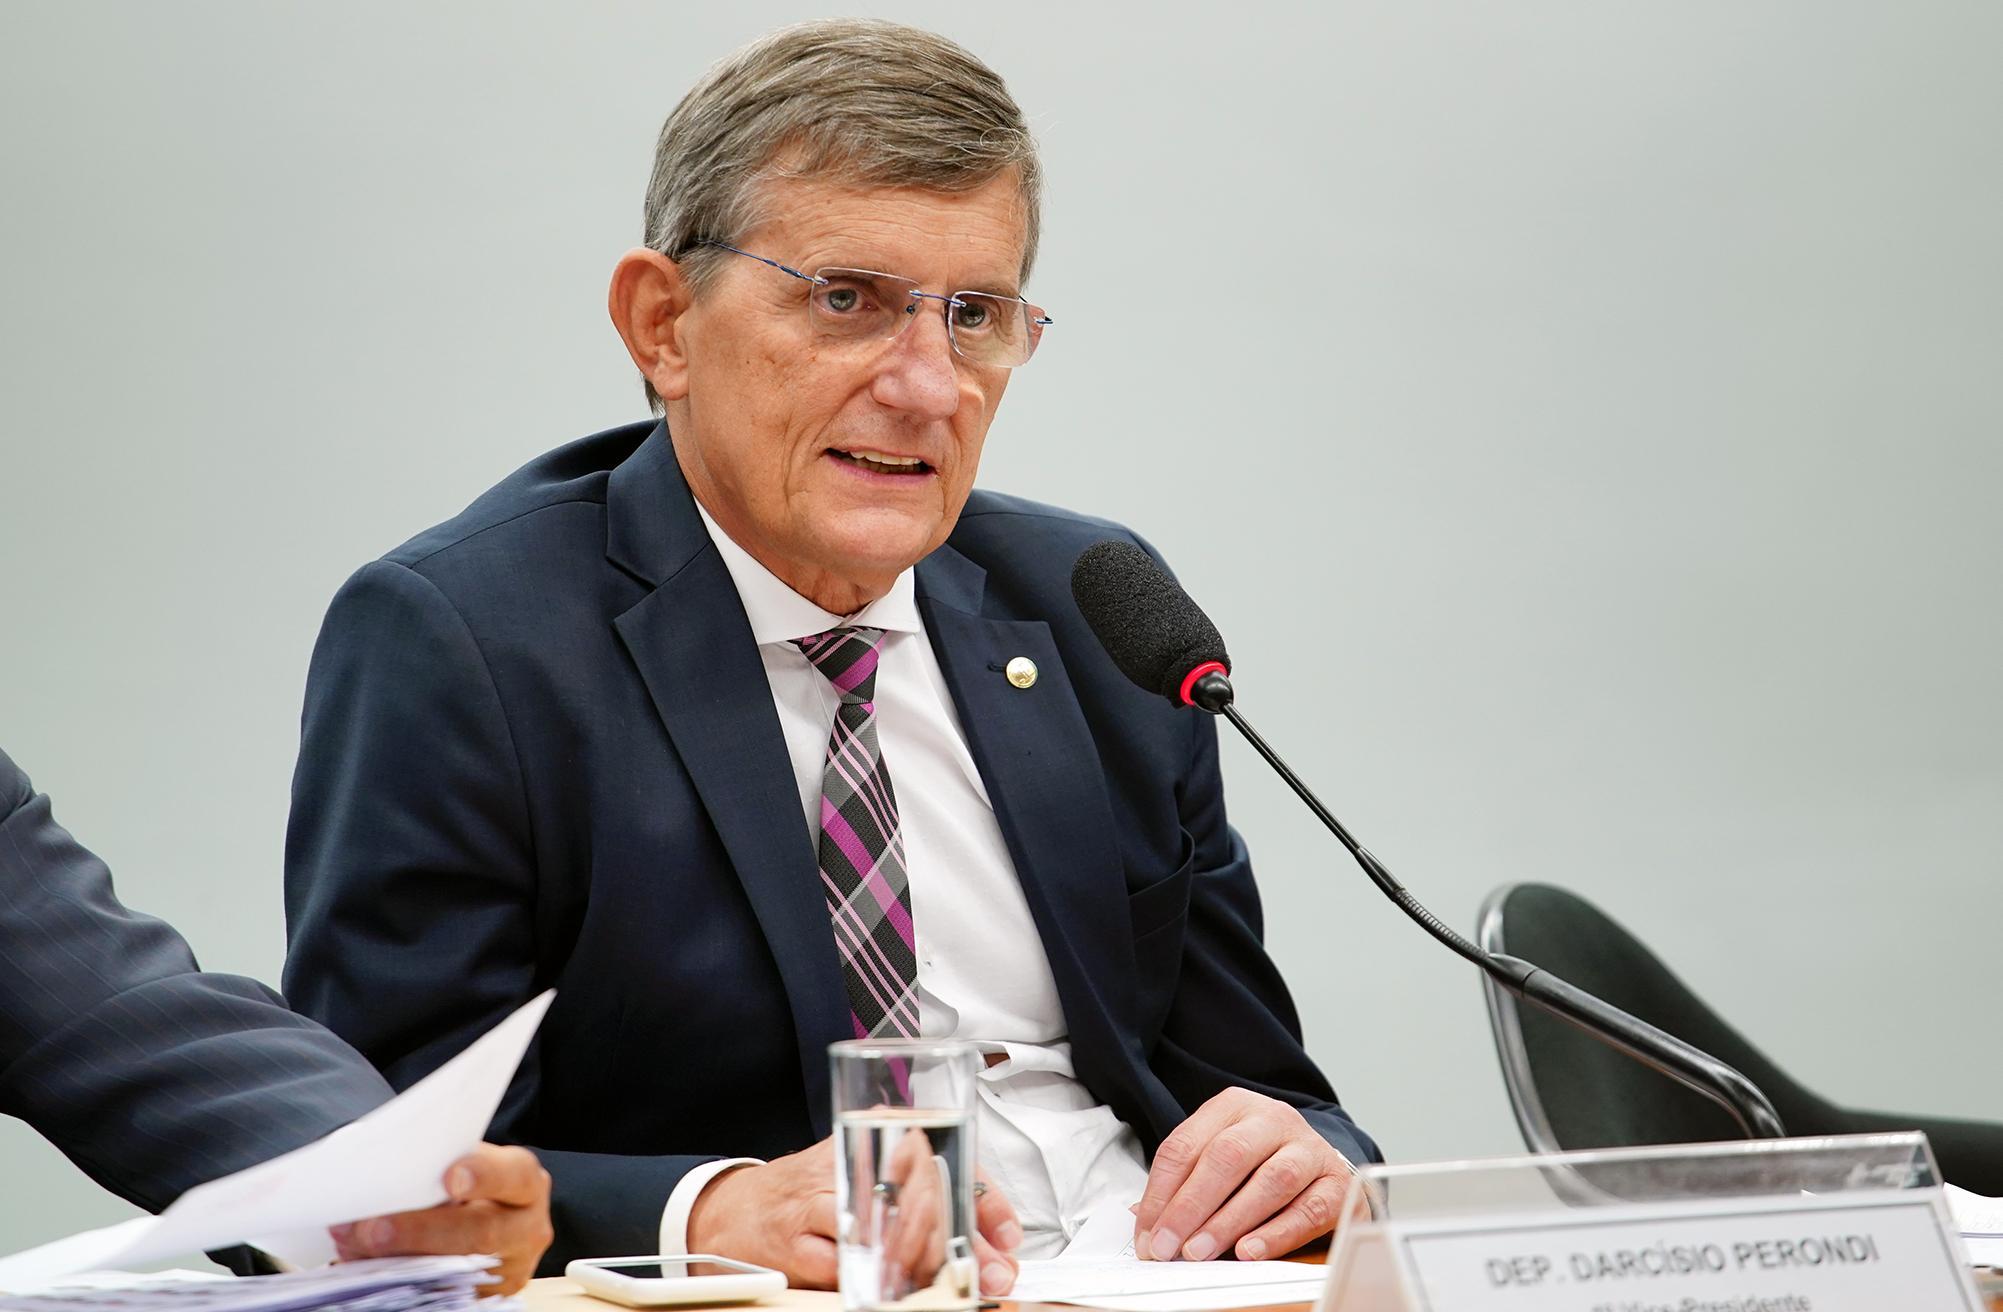 Audiência Pública  e Reunião Ordinária. Dep. Darcísio Perondi (PMDB - RS)